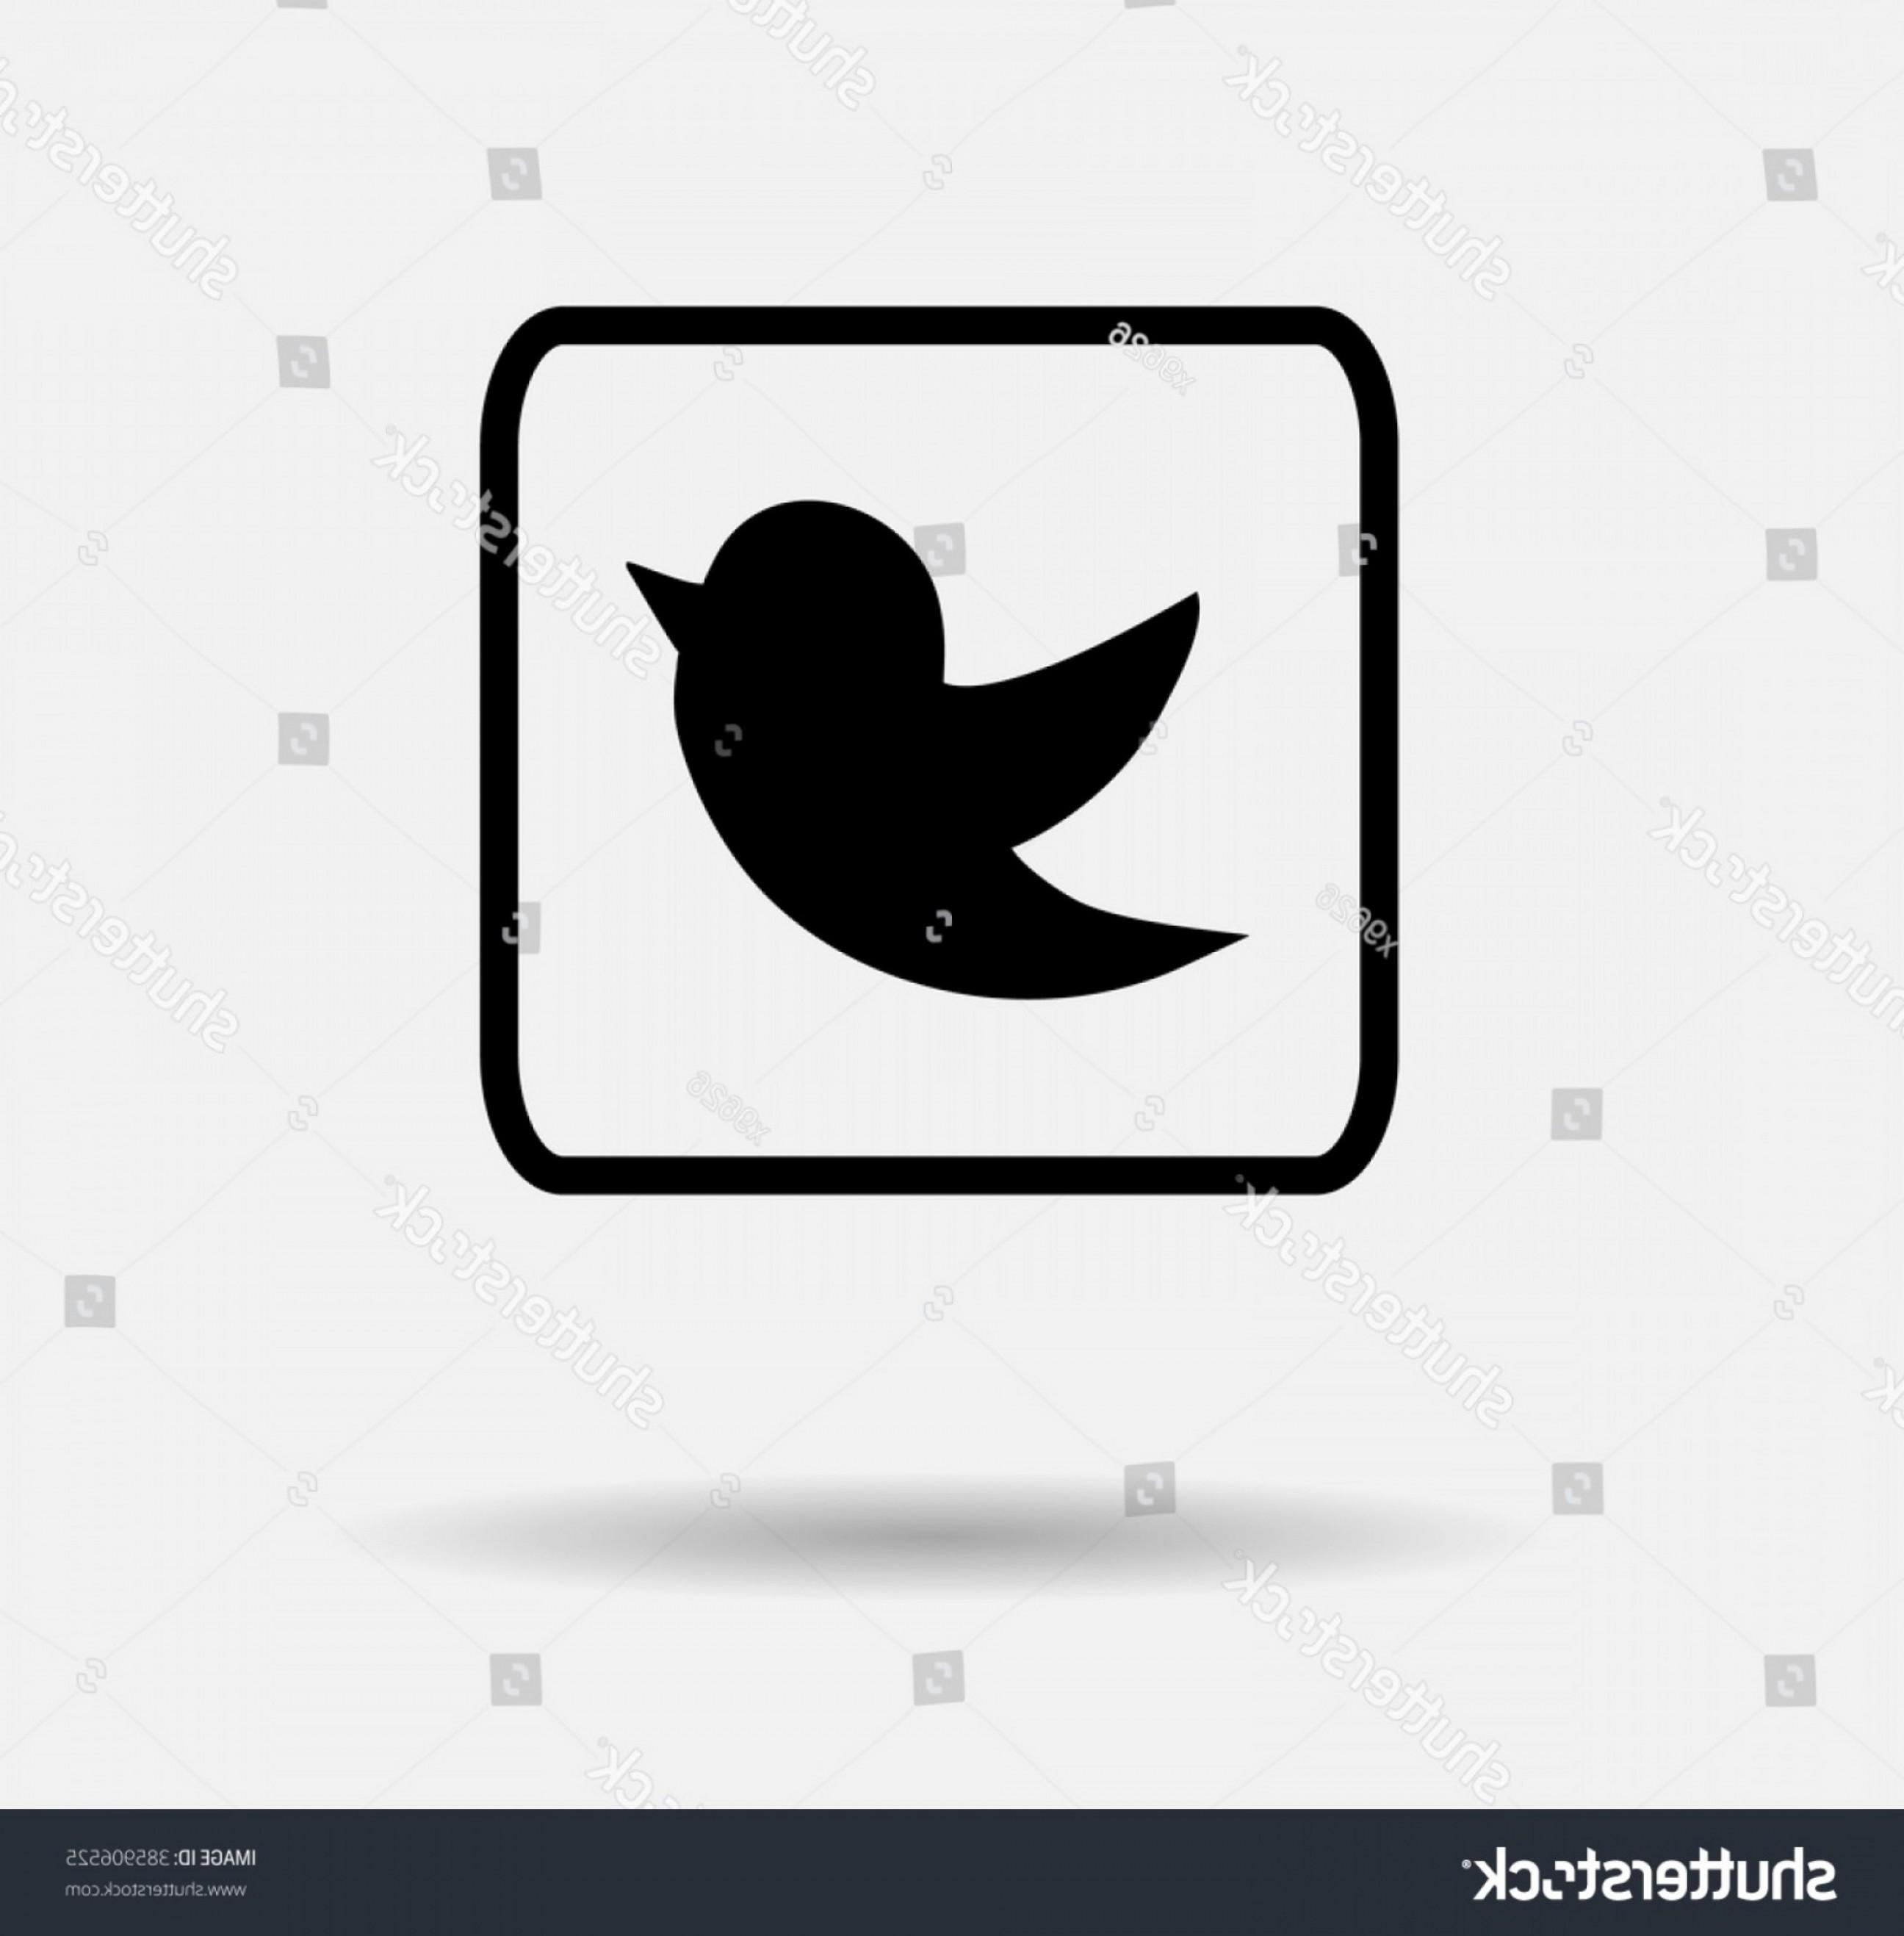 2592x2635 White Twitter Bird Logo Vector No Background Orangiausa